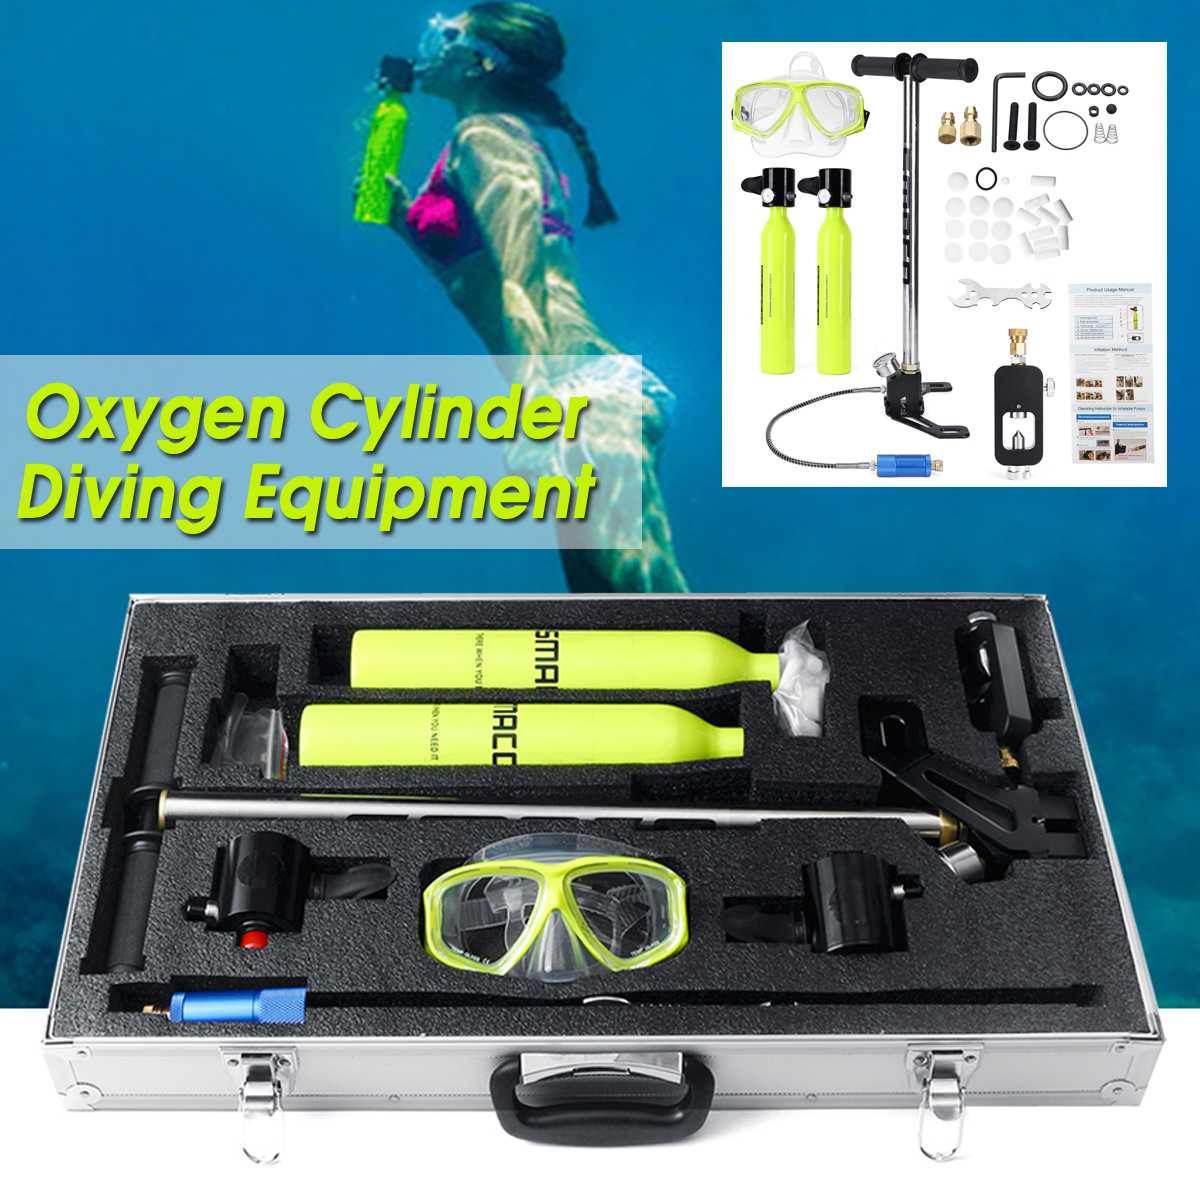 9 in1 Equipamento de Mergulho Dois Regulador Tanque de Ar Do Cilindro de Oxigênio Mini Mergulho Respiração Do Tanque de Reposição Gear Box Liberdade Respiração Debaixo D' Água